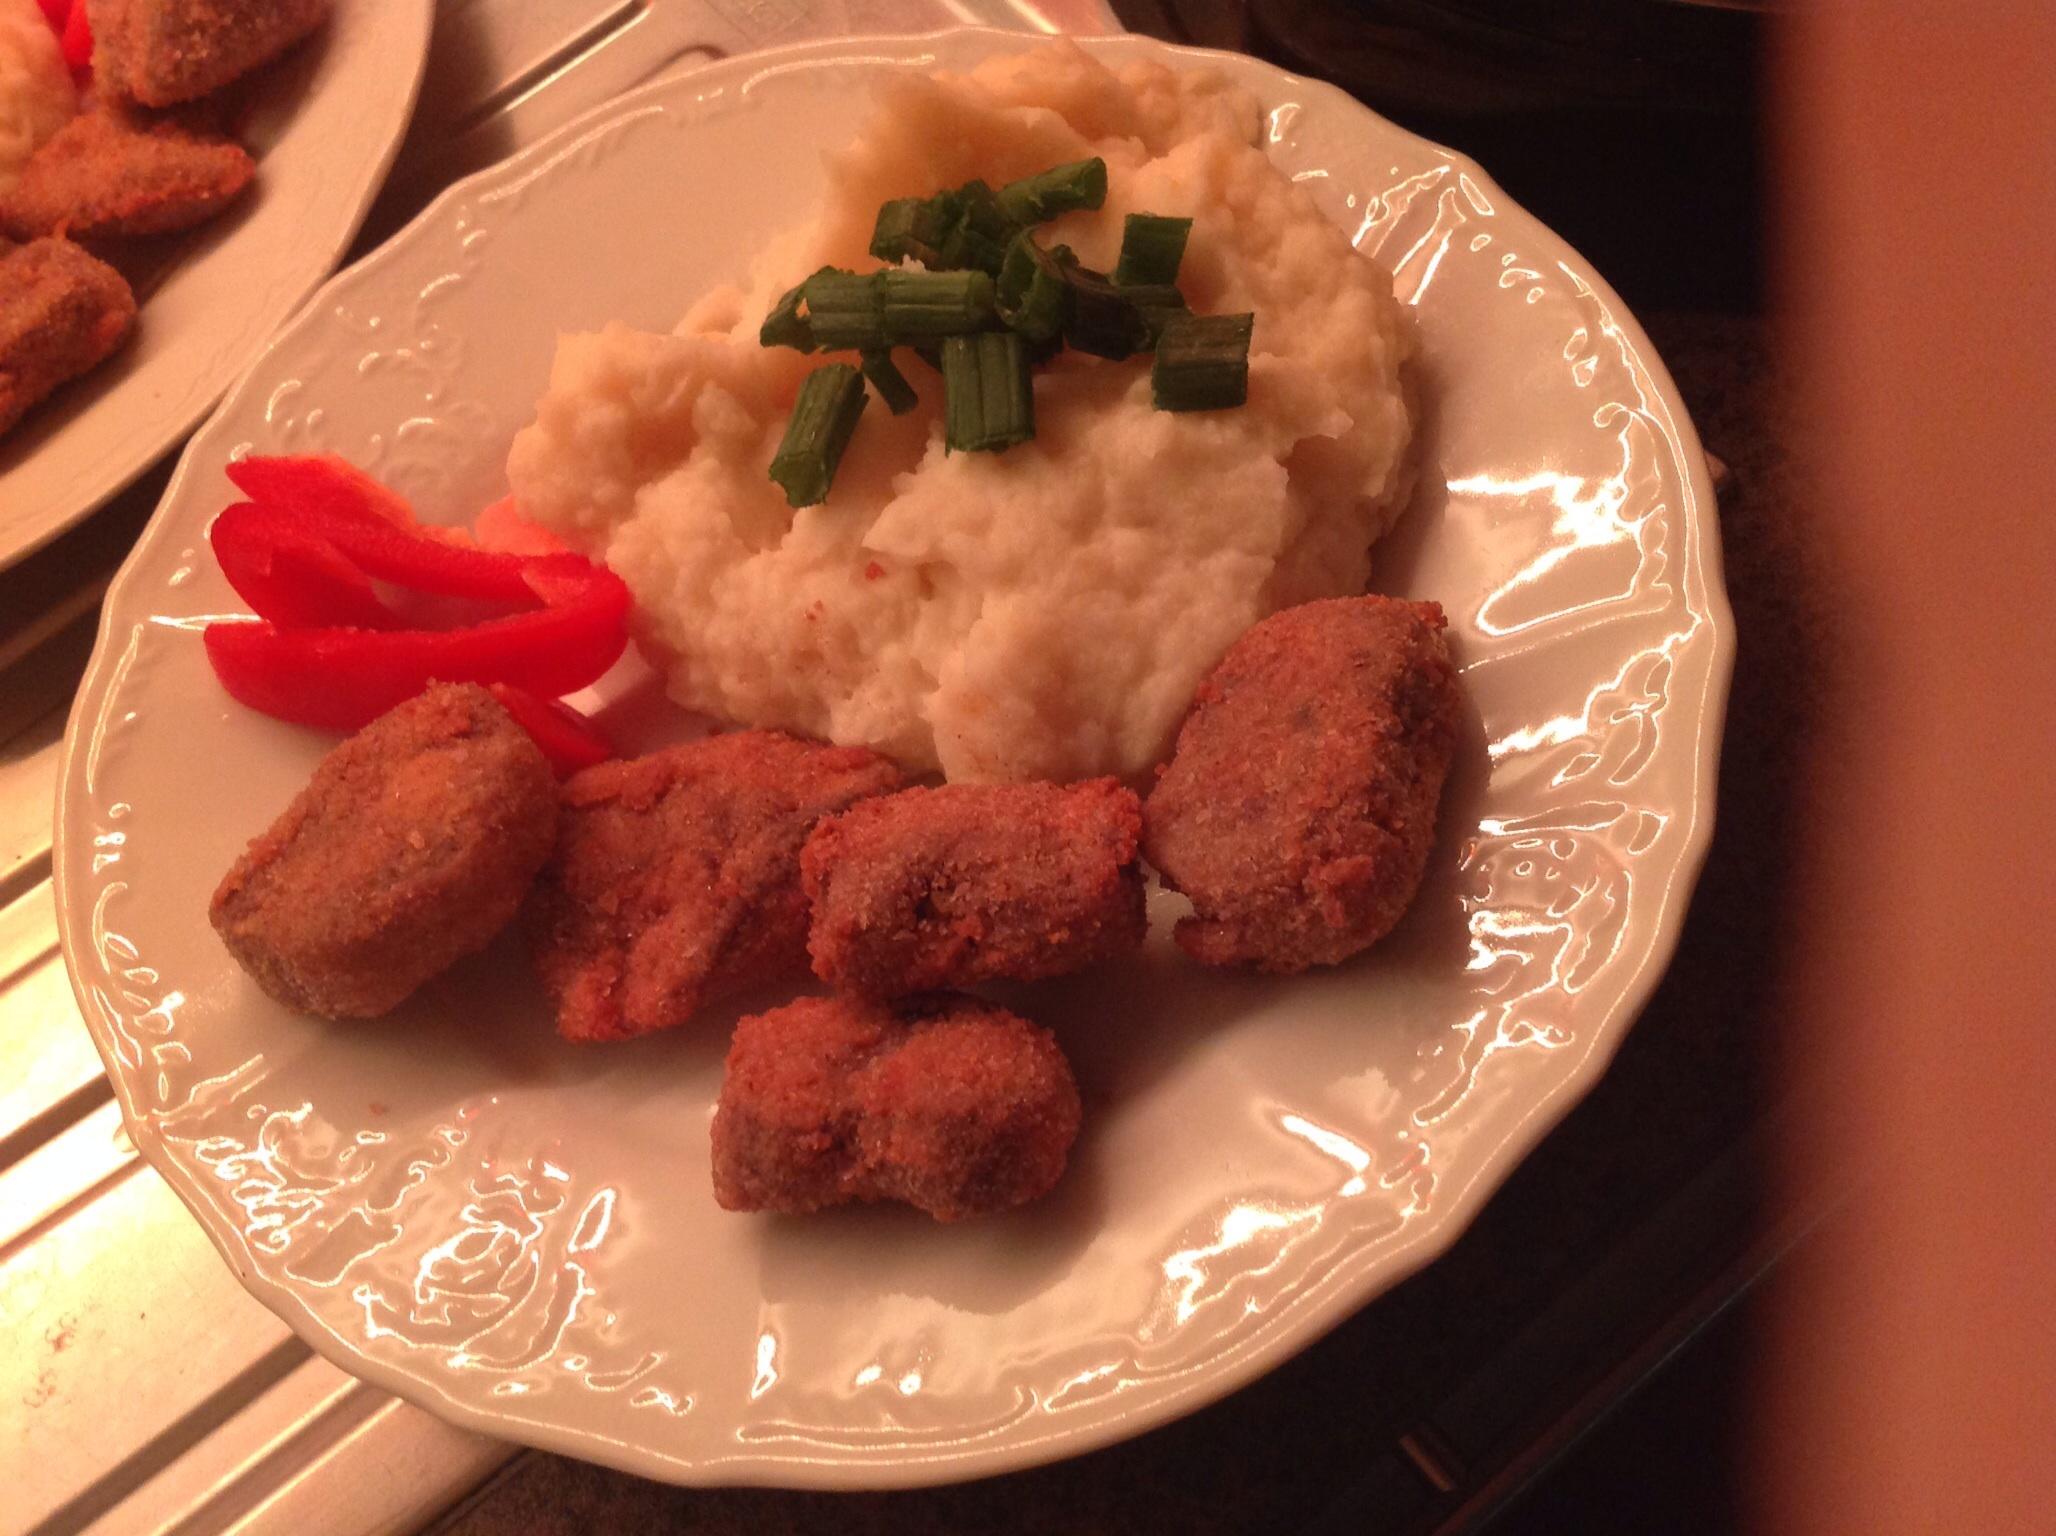 Recept Smažený vepřový jazyk - Smažený vepřový jazyk